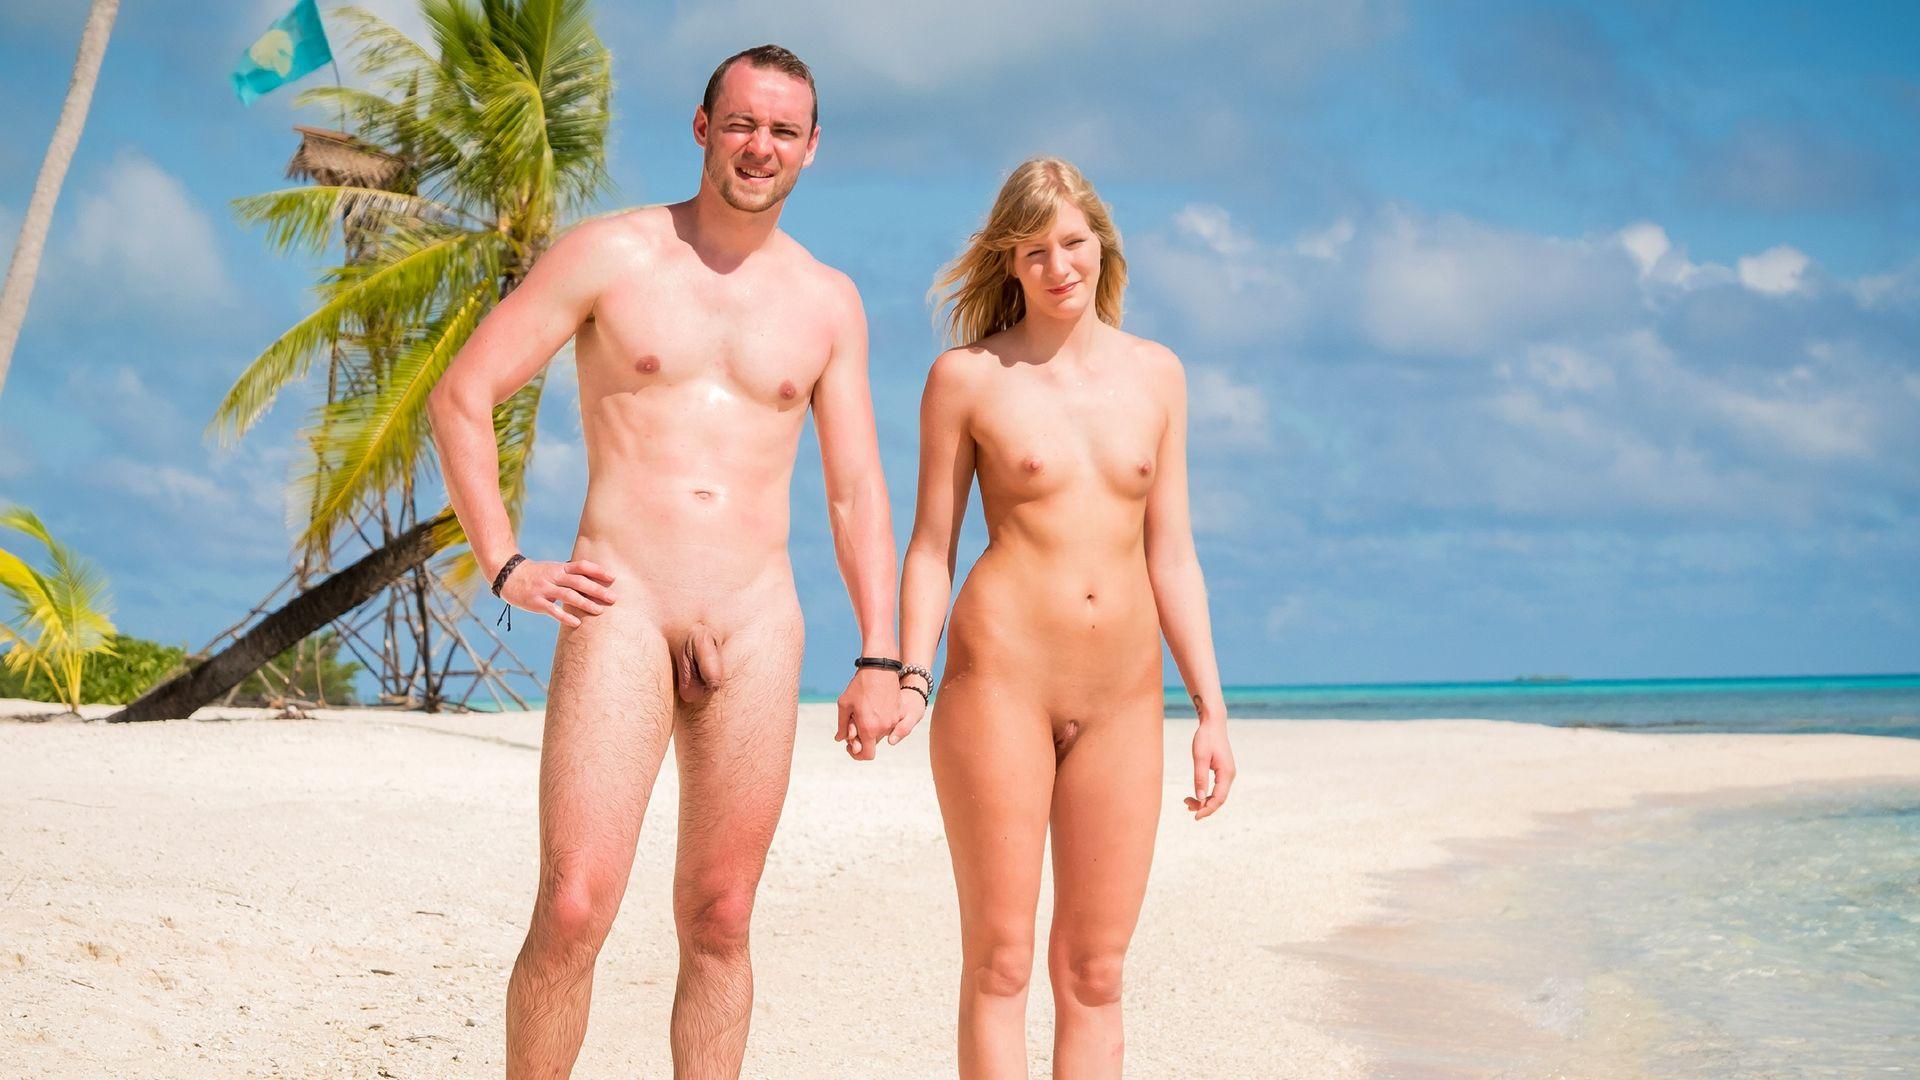 Eva nude sucht adam Adam sucht